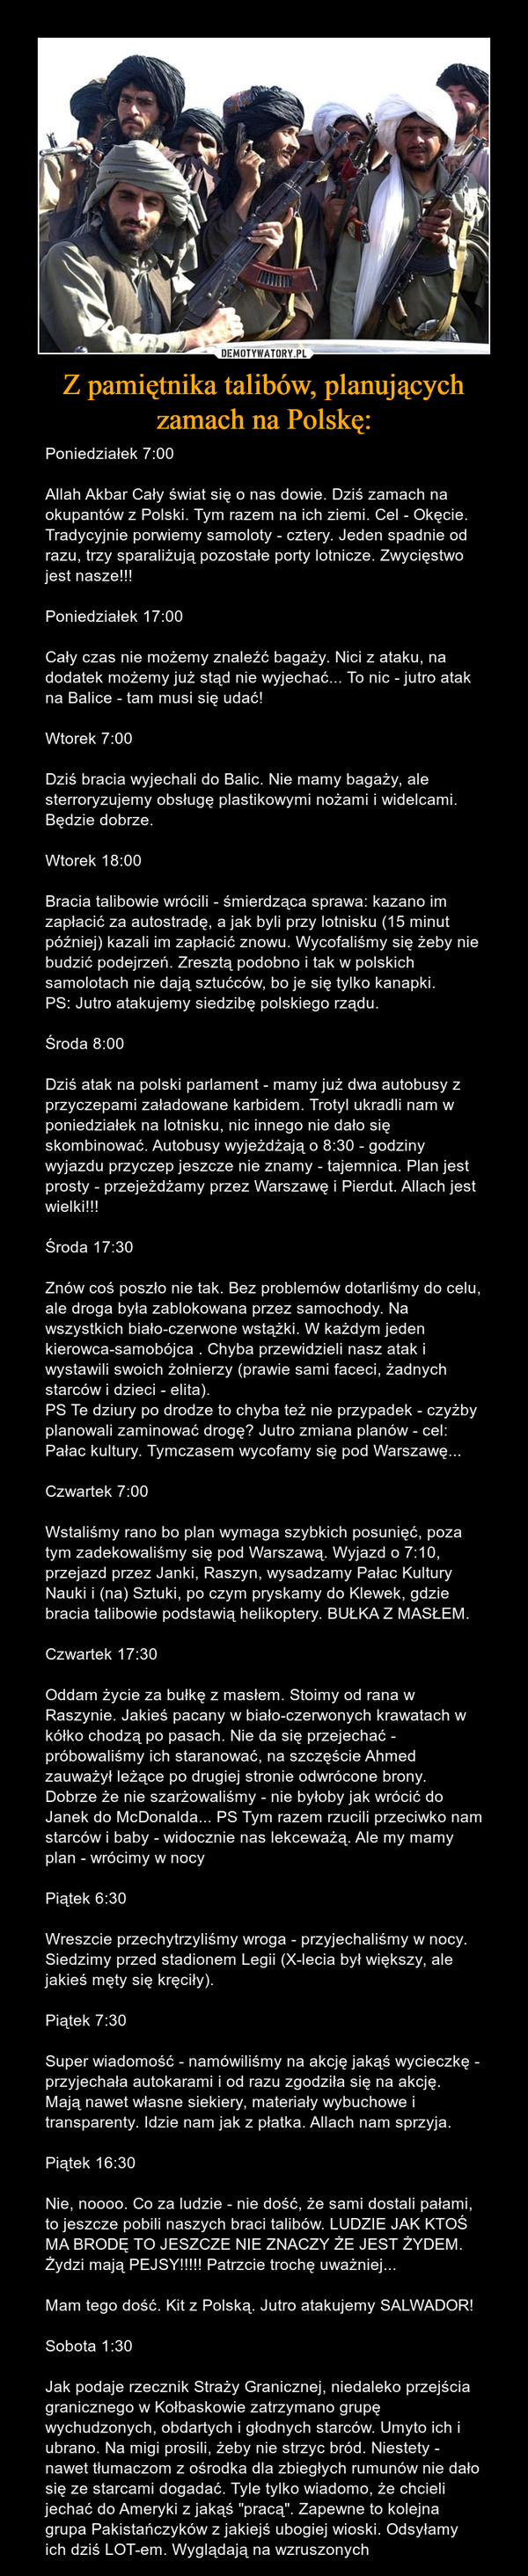 Z pamiętnika talibów, planujących zamach na Polskę: – Poniedziałek 7:00Allah Akbar Cały świat się o nas dowie. Dziś zamach na okupantów z Polski. Tym razem na ich ziemi. Cel - Okęcie. Tradycyjnie porwiemy samoloty - cztery. Jeden spadnie od razu, trzy sparaliżują pozostałe porty lotnicze. Zwycięstwo jest nasze!!!Poniedziałek 17:00Cały czas nie możemy znaleźć bagaży. Nici z ataku, na dodatek możemy już stąd nie wyjechać... To nic - jutro atak na Balice - tam musi się udać!Wtorek 7:00Dziś bracia wyjechali do Balic. Nie mamy bagaży, ale sterroryzujemy obsługę plastikowymi nożami i widelcami. Będzie dobrze.Wtorek 18:00Bracia talibowie wrócili - śmierdząca sprawa: kazano im zapłacić za autostradę, a jak byli przy lotnisku (15 minut później) kazali im zapłacić znowu. Wycofaliśmy się żeby nie budzić podejrzeń. Zresztą podobno i tak w polskich samolotach nie dają sztućców, bo je się tylko kanapki.PS: Jutro atakujemy siedzibę polskiego rządu.Środa 8:00Dziś atak na polski parlament - mamy już dwa autobusy z przyczepami załadowane karbidem. Trotyl ukradli nam w poniedziałek na lotnisku, nic innego nie dało się skombinować. Autobusy wyjeżdżają o 8:30 - godziny wyjazdu przyczep jeszcze nie znamy - tajemnica. Plan jest prosty - przejeżdżamy przez Warszawę i Pierdut. Allach jest wielki!!!Środa 17:30Znów coś poszło nie tak. Bez problemów dotarliśmy do celu, ale droga była zablokowana przez samochody. Na wszystkich biało-czerwone wstążki. W każdym jeden kierowca-samobójca . Chyba przewidzieli nasz atak i wystawili swoich żołnierzy (prawie sami faceci, żadnych starców i dzieci - elita).PS Te dziury po drodze to chyba też nie przypadek - czyżby planowali zaminować drogę? Jutro zmiana planów - cel: Pałac kultury. Tymczasem wycofamy się pod Warszawę...Czwartek 7:00Wstaliśmy rano bo plan wymaga szybkich posunięć, poza tym zadekowaliśmy się pod Warszawą. Wyjazd o 7:10, przejazd przez Janki, Raszyn, wysadzamy Pałac Kultury Nauki i (na) Sztuki, po czym pryskamy do Klewek, gdzie bracia talib